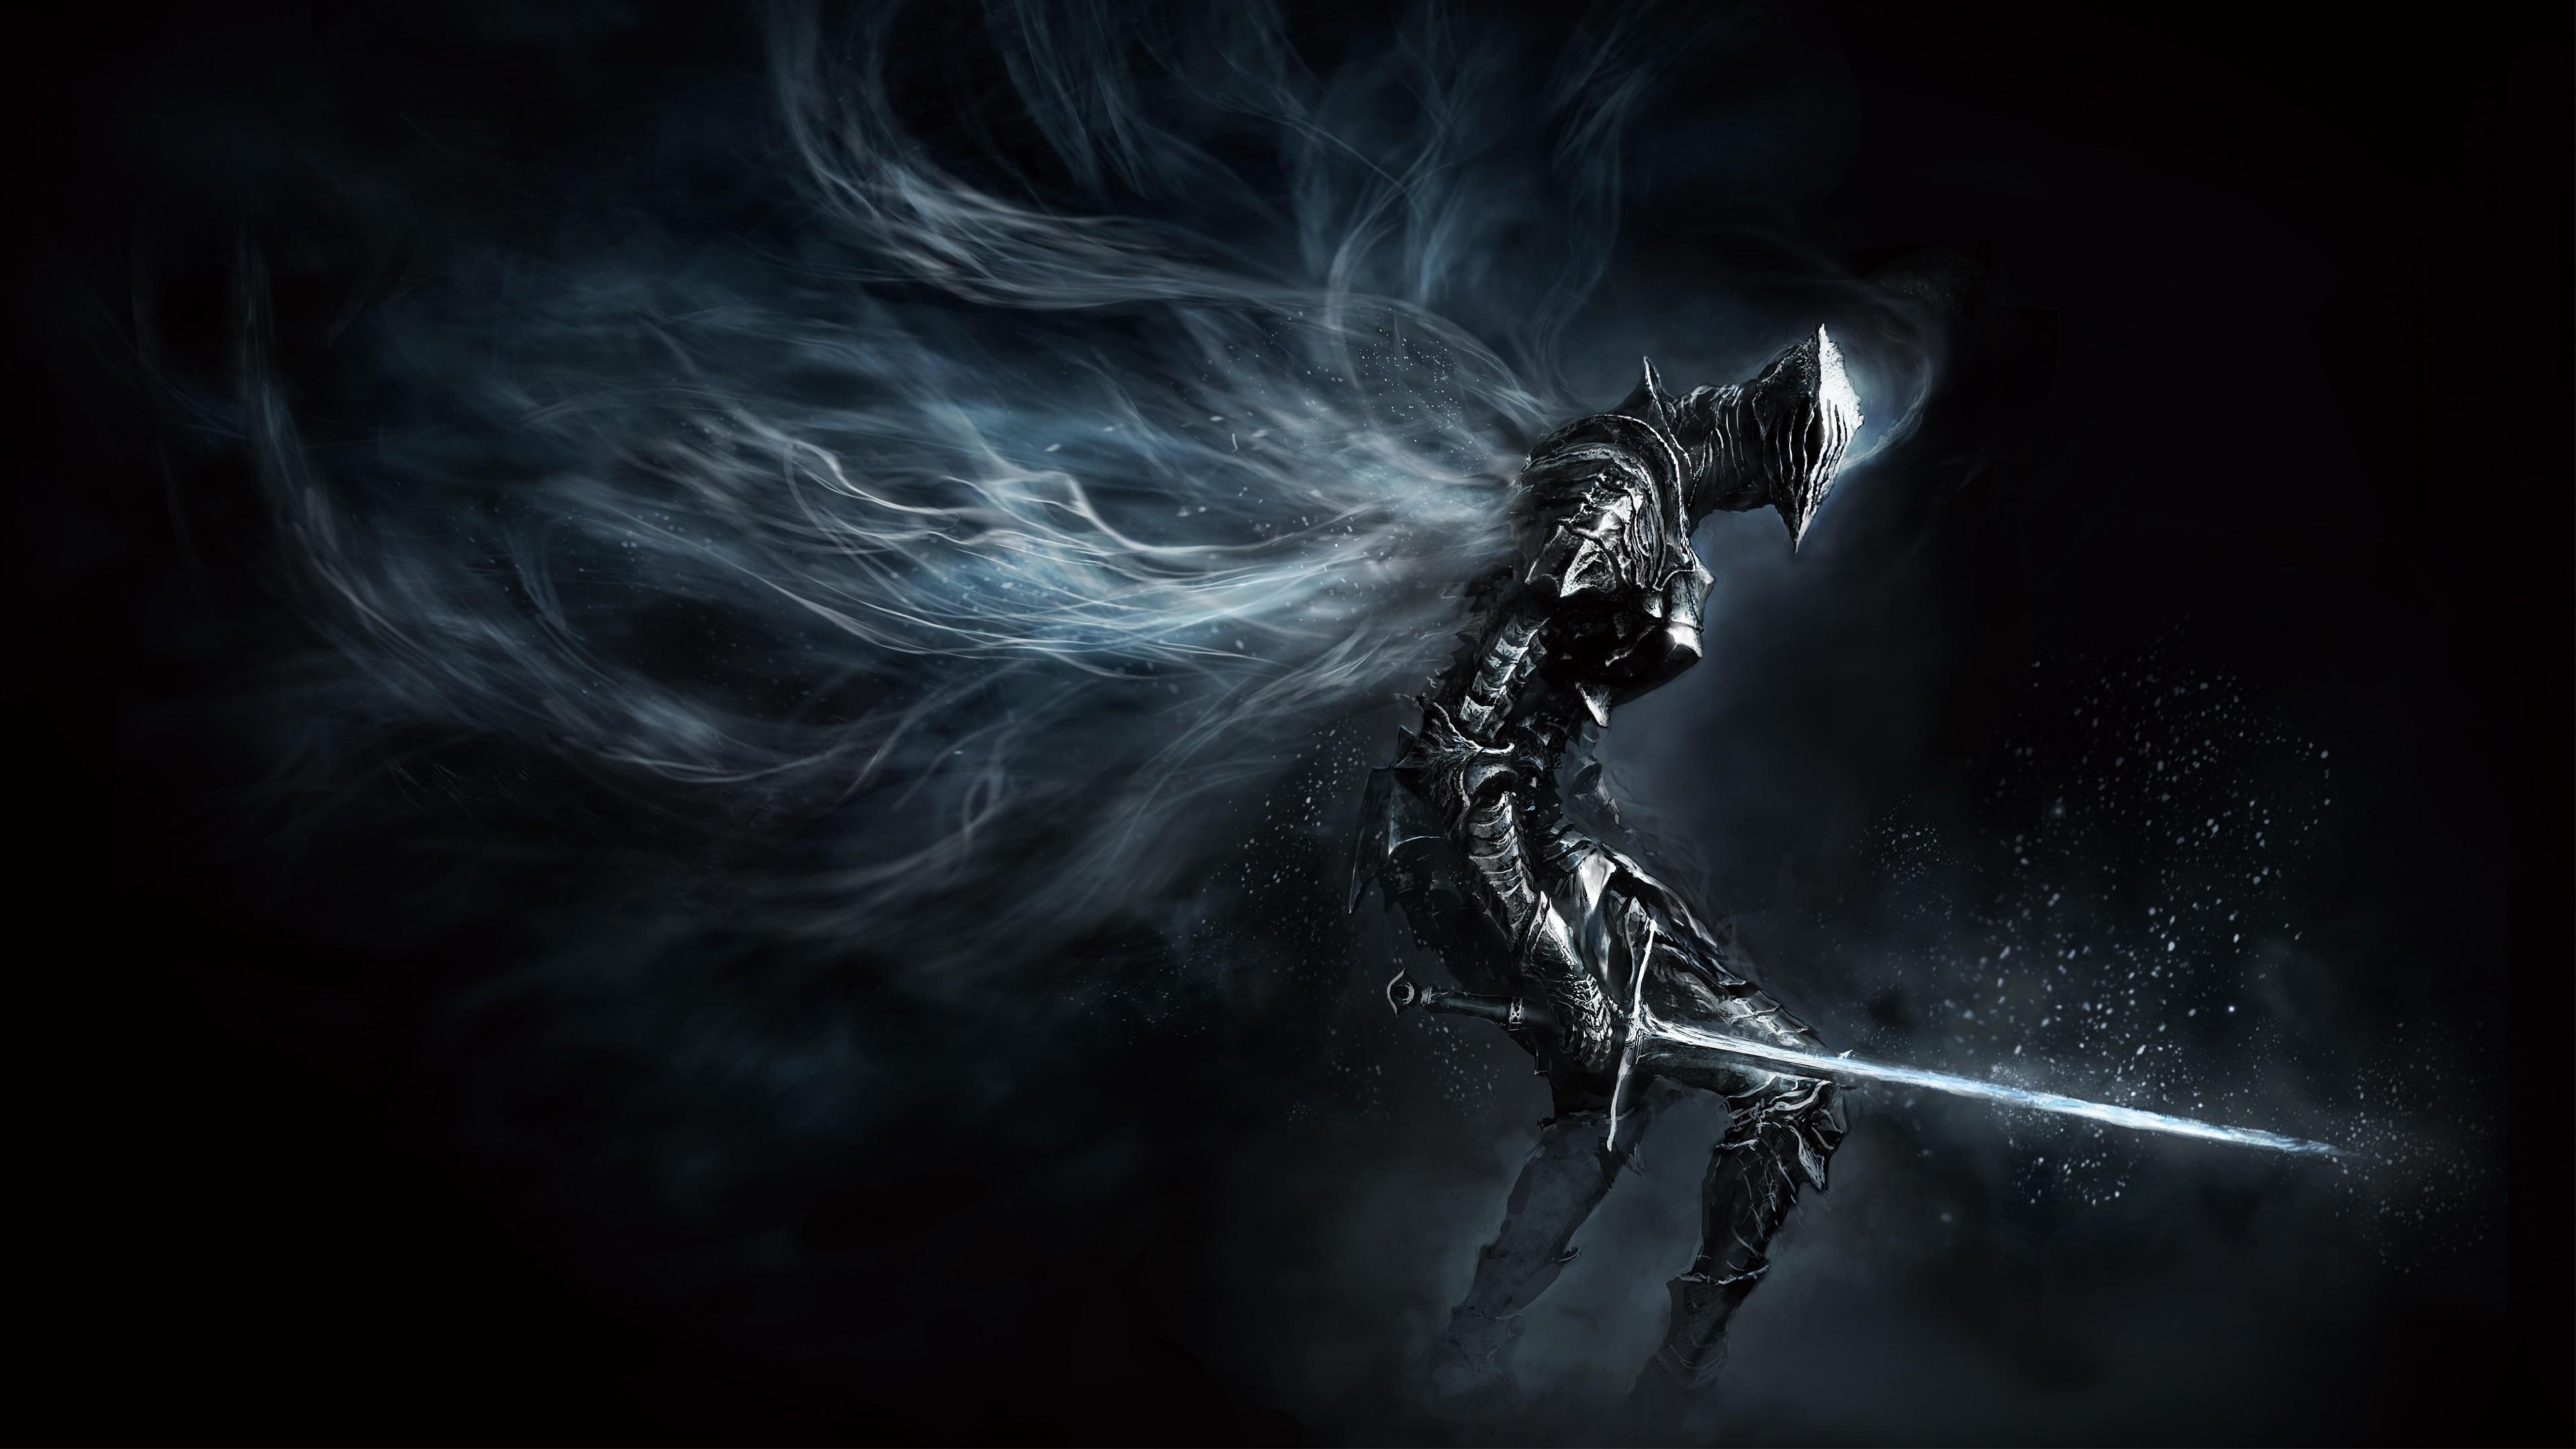 Dark Souls Artwork Wallpapers HD Wallpapers